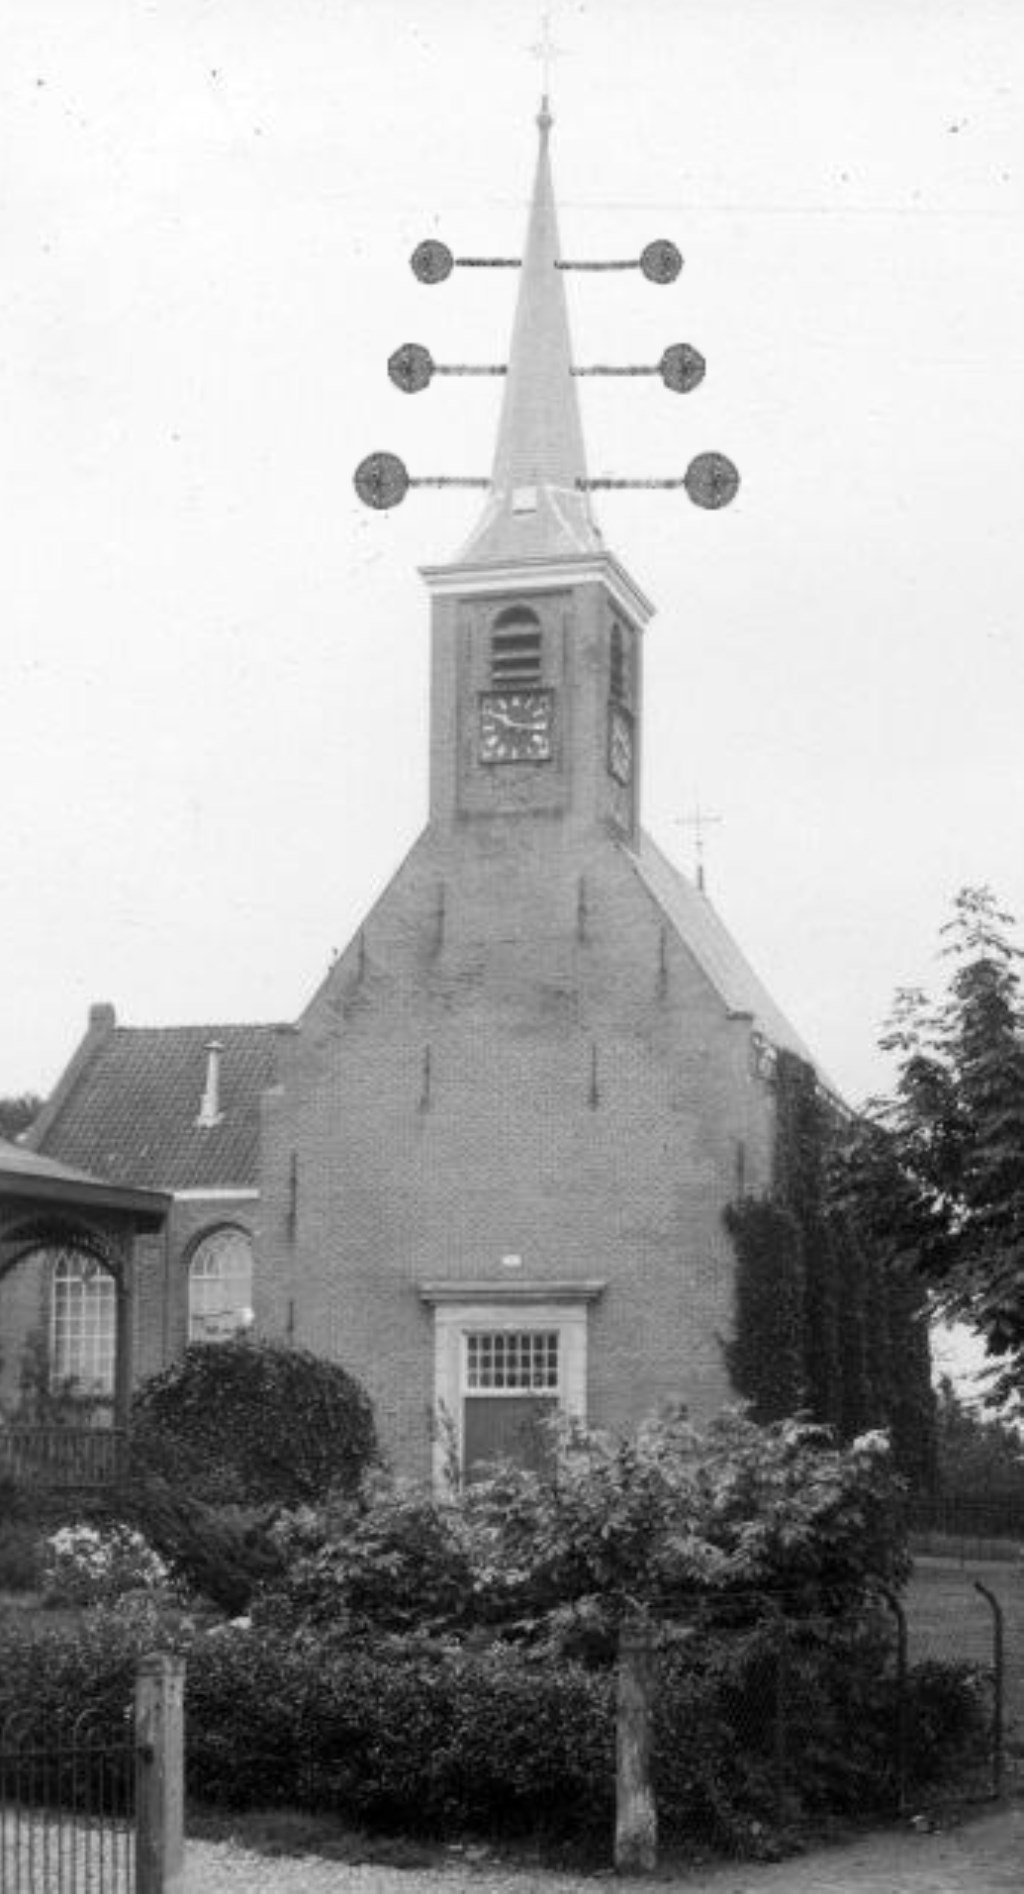 Zo moet de Dorpskerk van Barendrecht er van 1831 tot 1840 uitgezien hebben. Met de Optische Telegraaf van Lipkens op de torenspits. (fotomontage: Historische Vereniging Barendrecht)  © Baruitgeverij